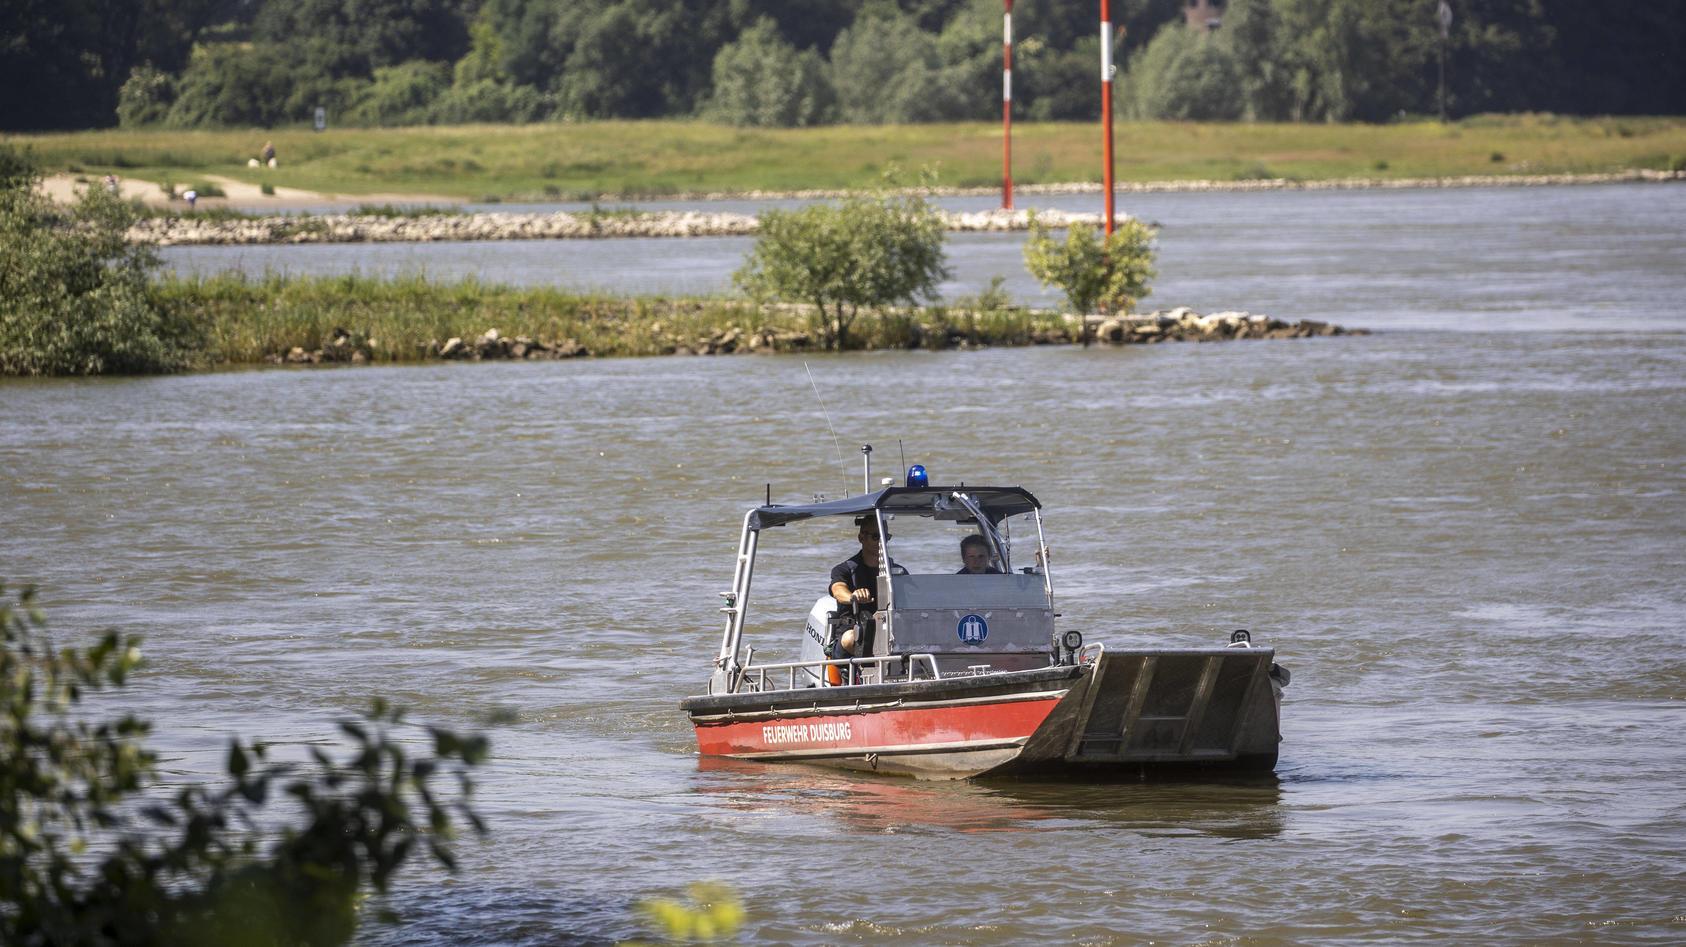 17.06.2021 , Duisburg , Feuerwehr und Polizei setzen die Suchmaßnahmen nach den 2 vermissten Mädchen fort